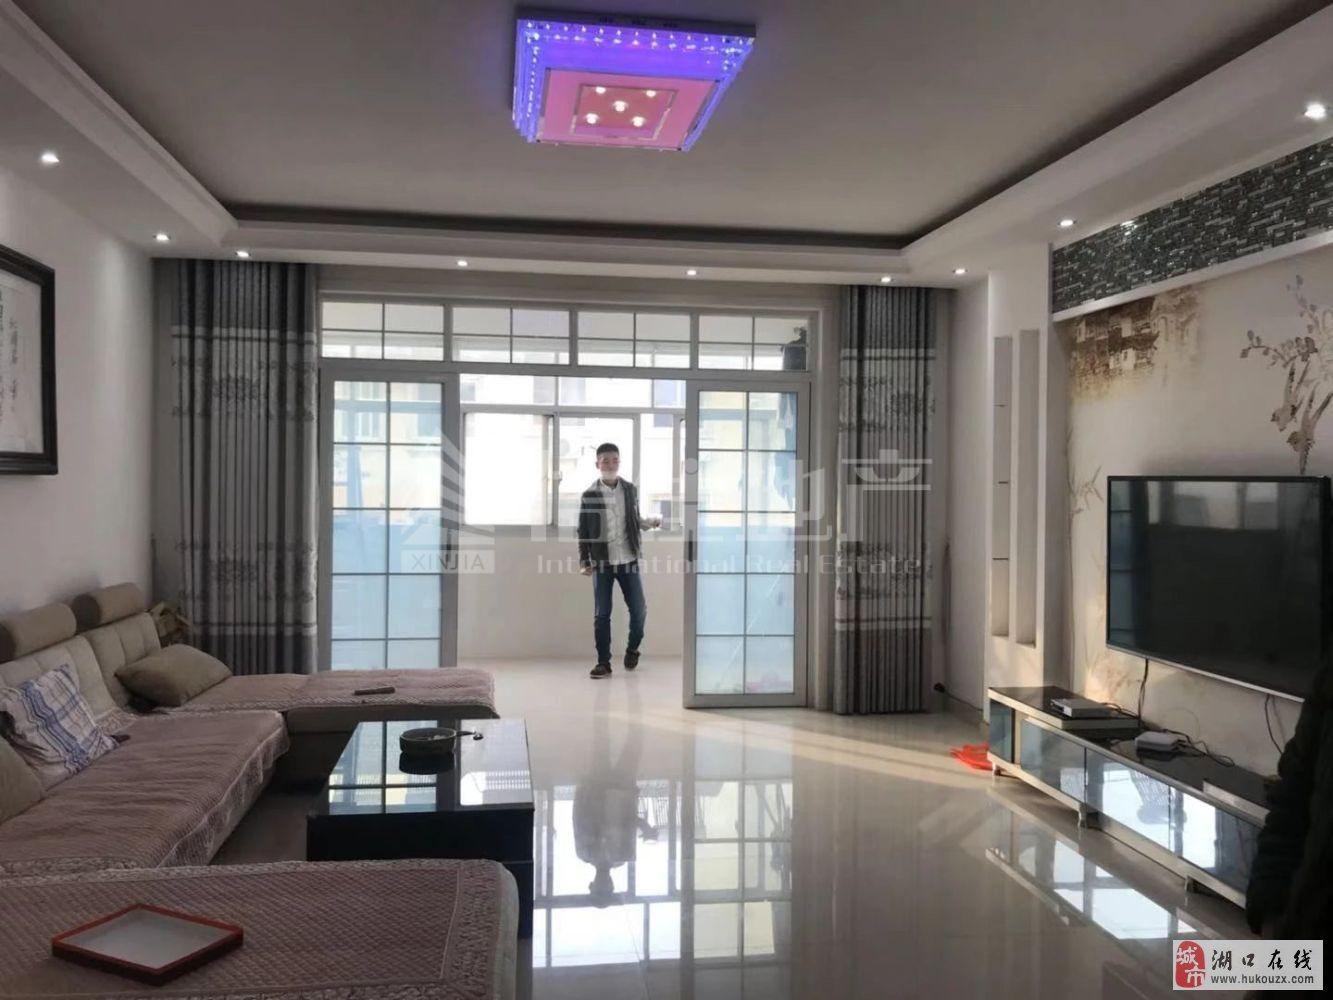 春江花苑精装大三房3室2厅2卫72万元